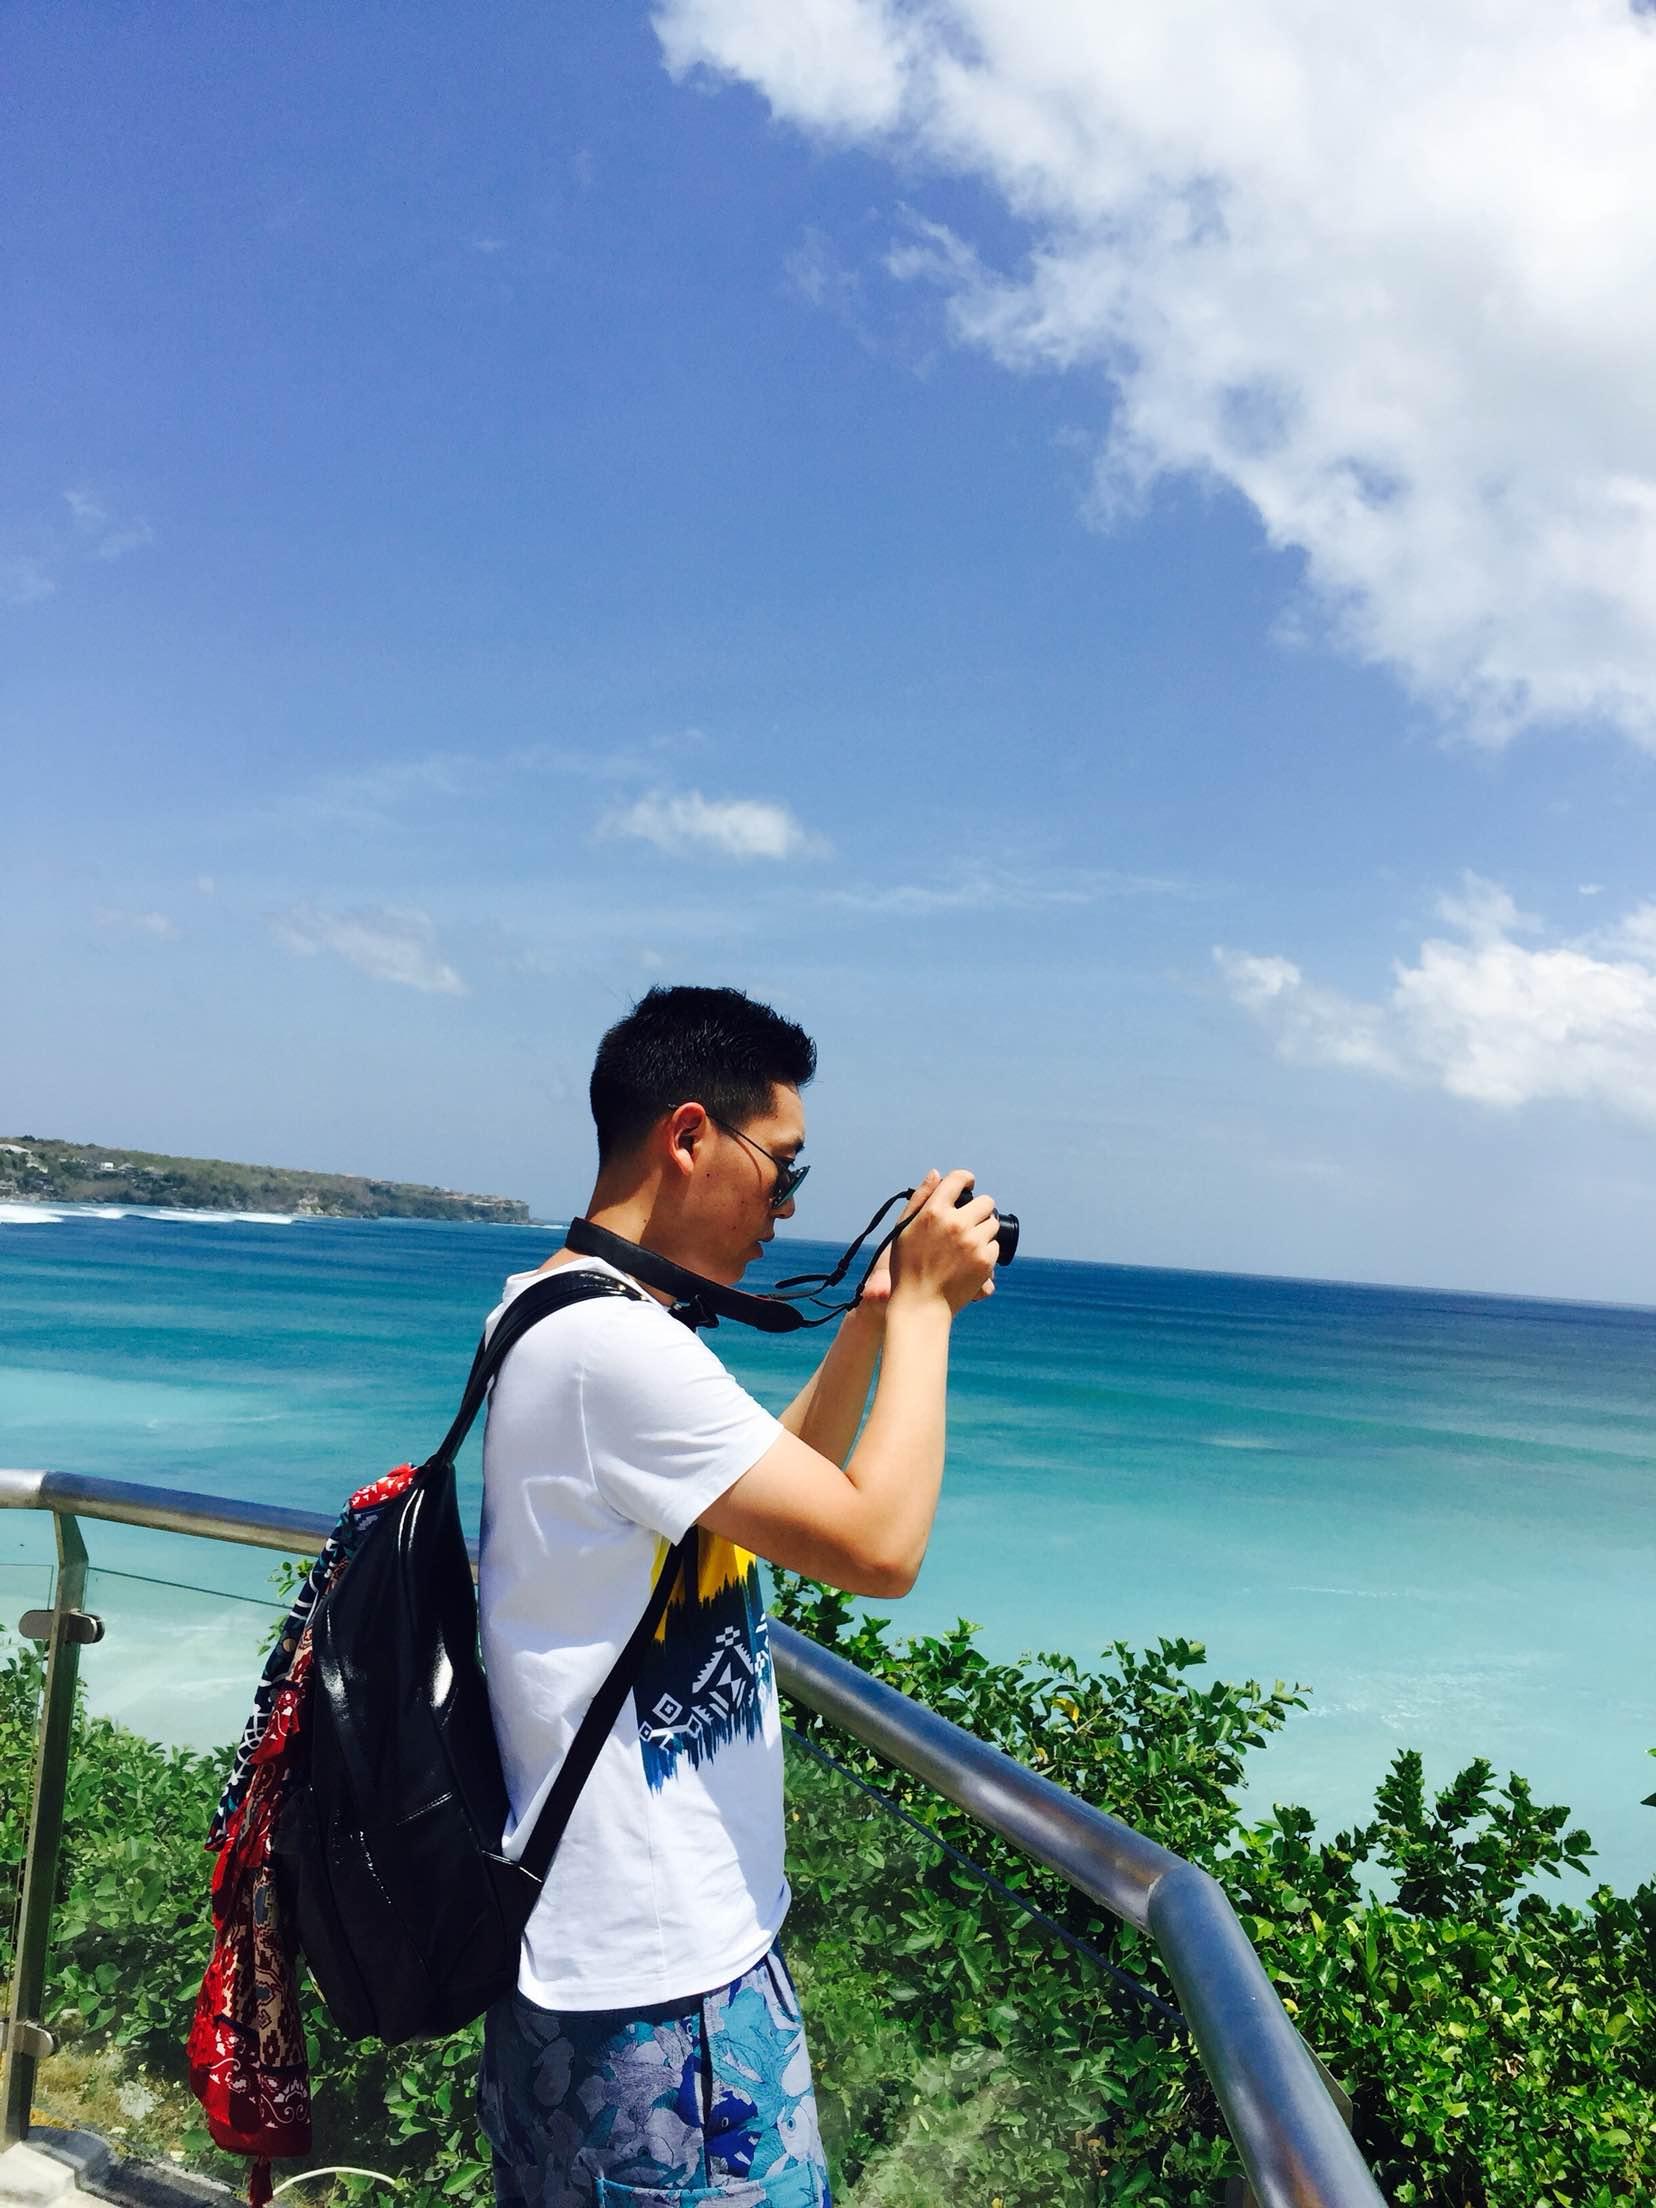 武汉到巴厘岛自由行_巴厘岛 蓝梦岛5晚7日半自助_武汉到巴厘岛跟团旅游